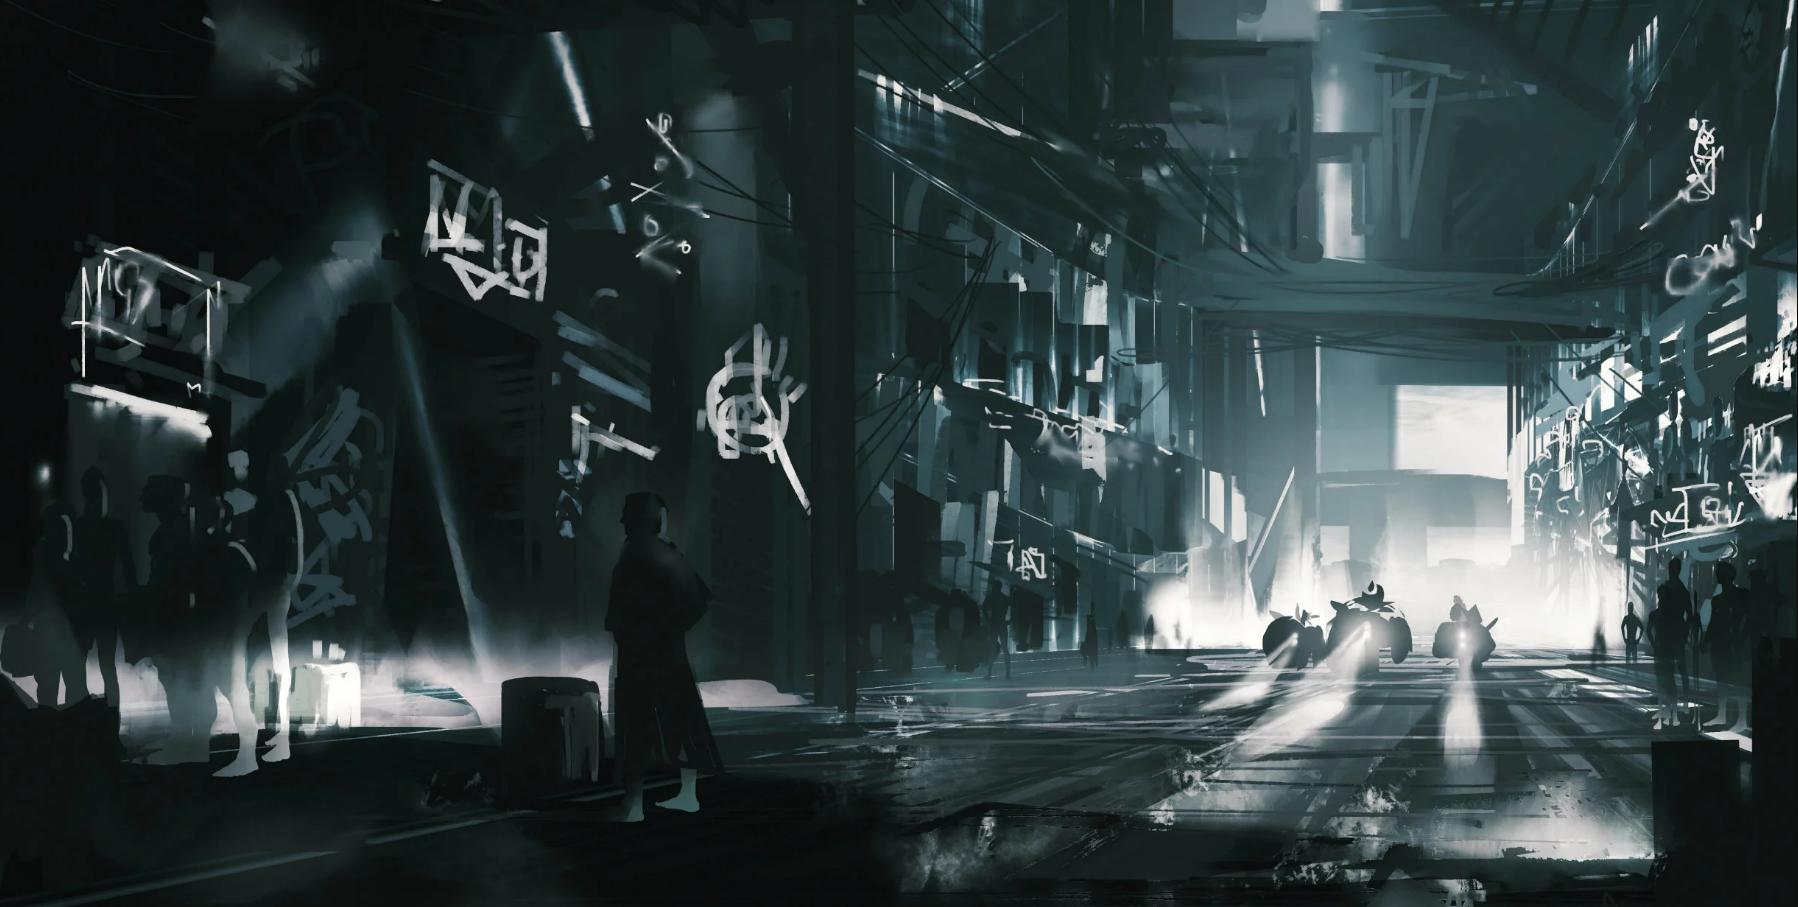 Episode 9 - Judge Dredd: Assault on Justice show art